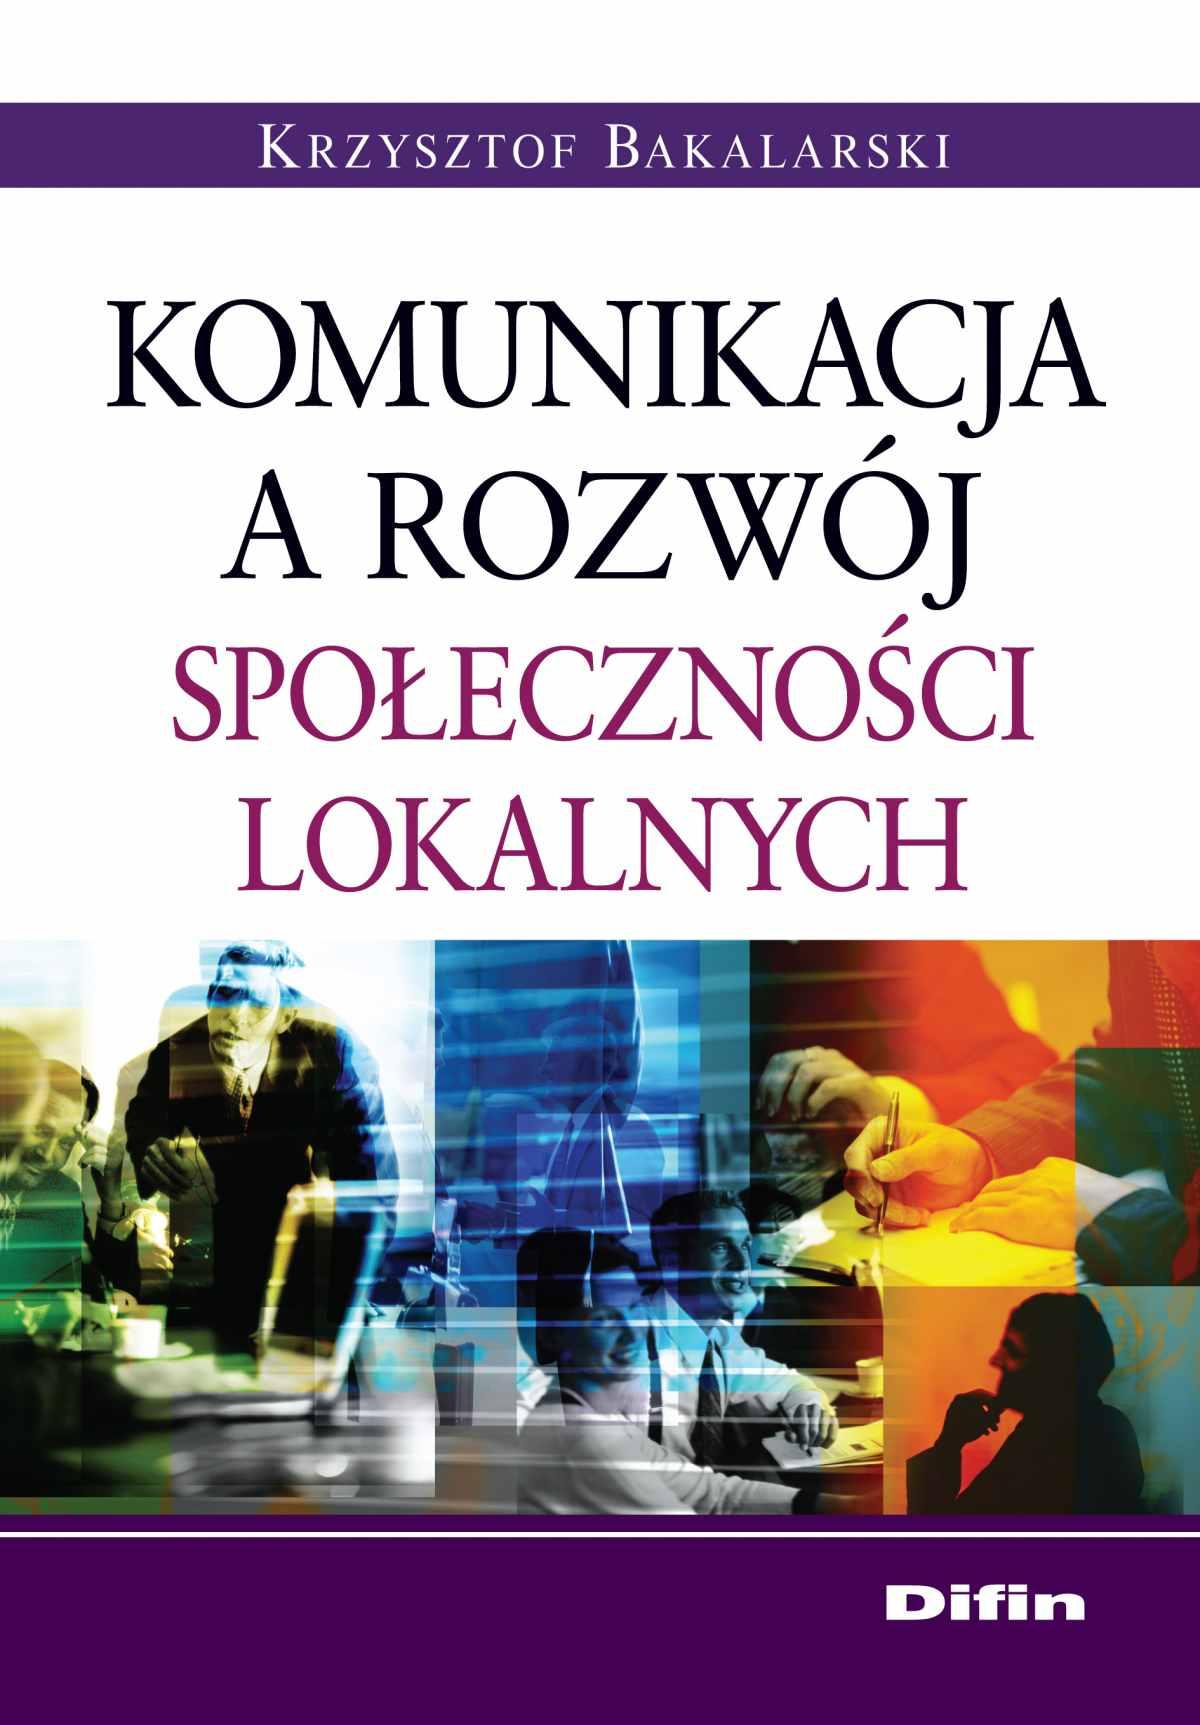 Komunikacja a rozwój społeczności lokalnych - Ebook (Książka na Kindle) do pobrania w formacie MOBI